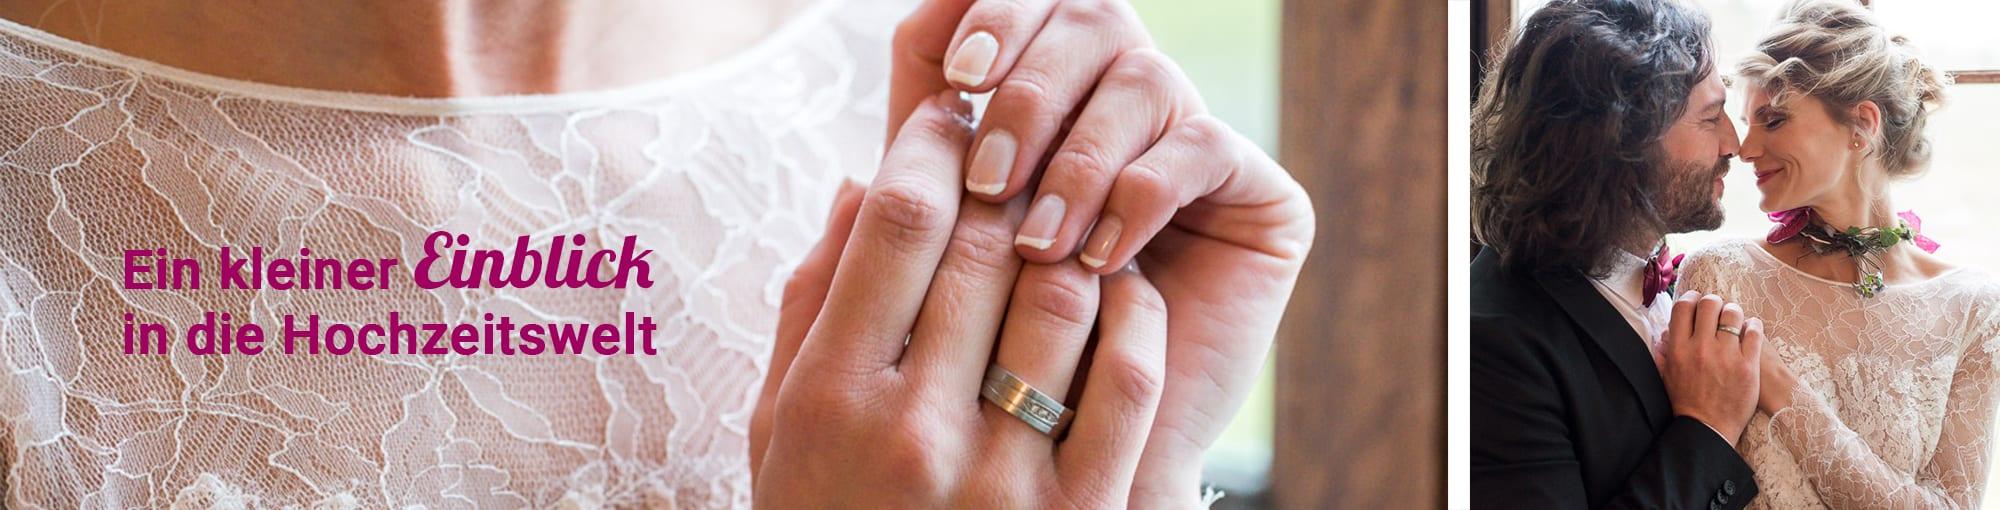 Ein kleiner Einblick in die Hochzeitswelt